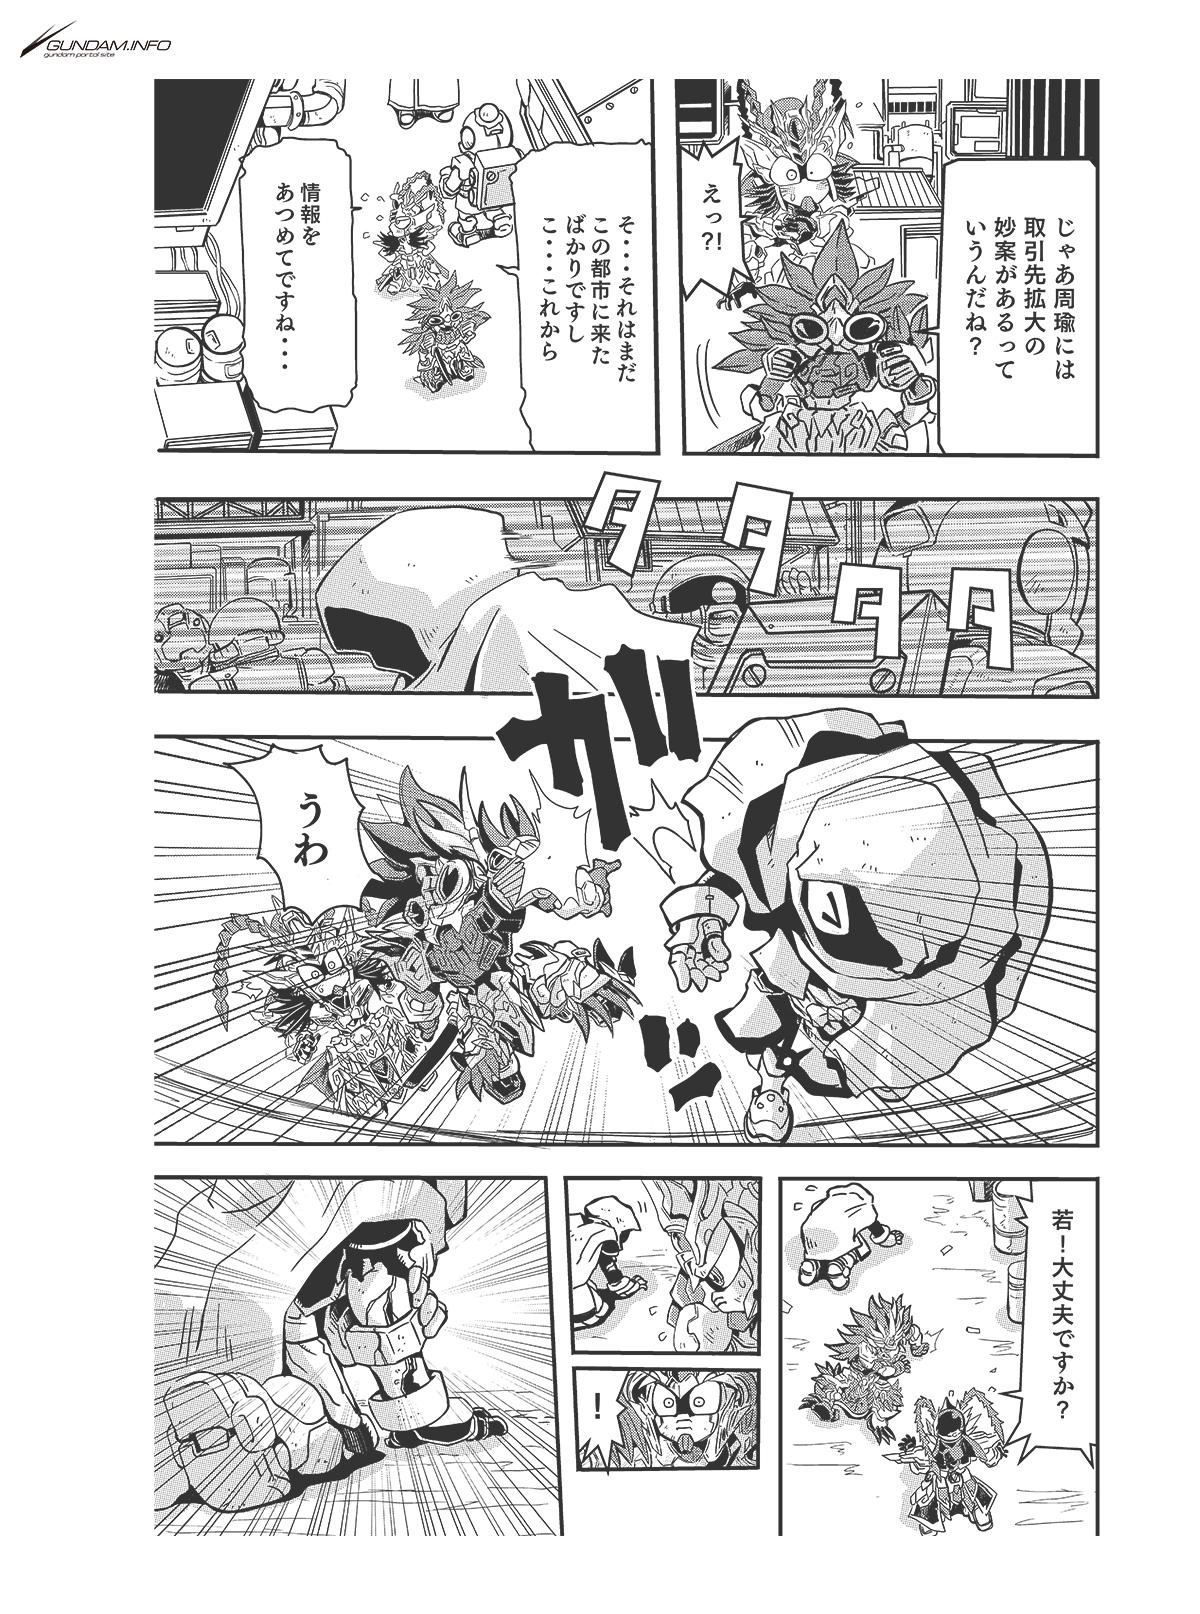 SDガンダムワールド 三国創傑伝 焔虎譚 第3話 P3